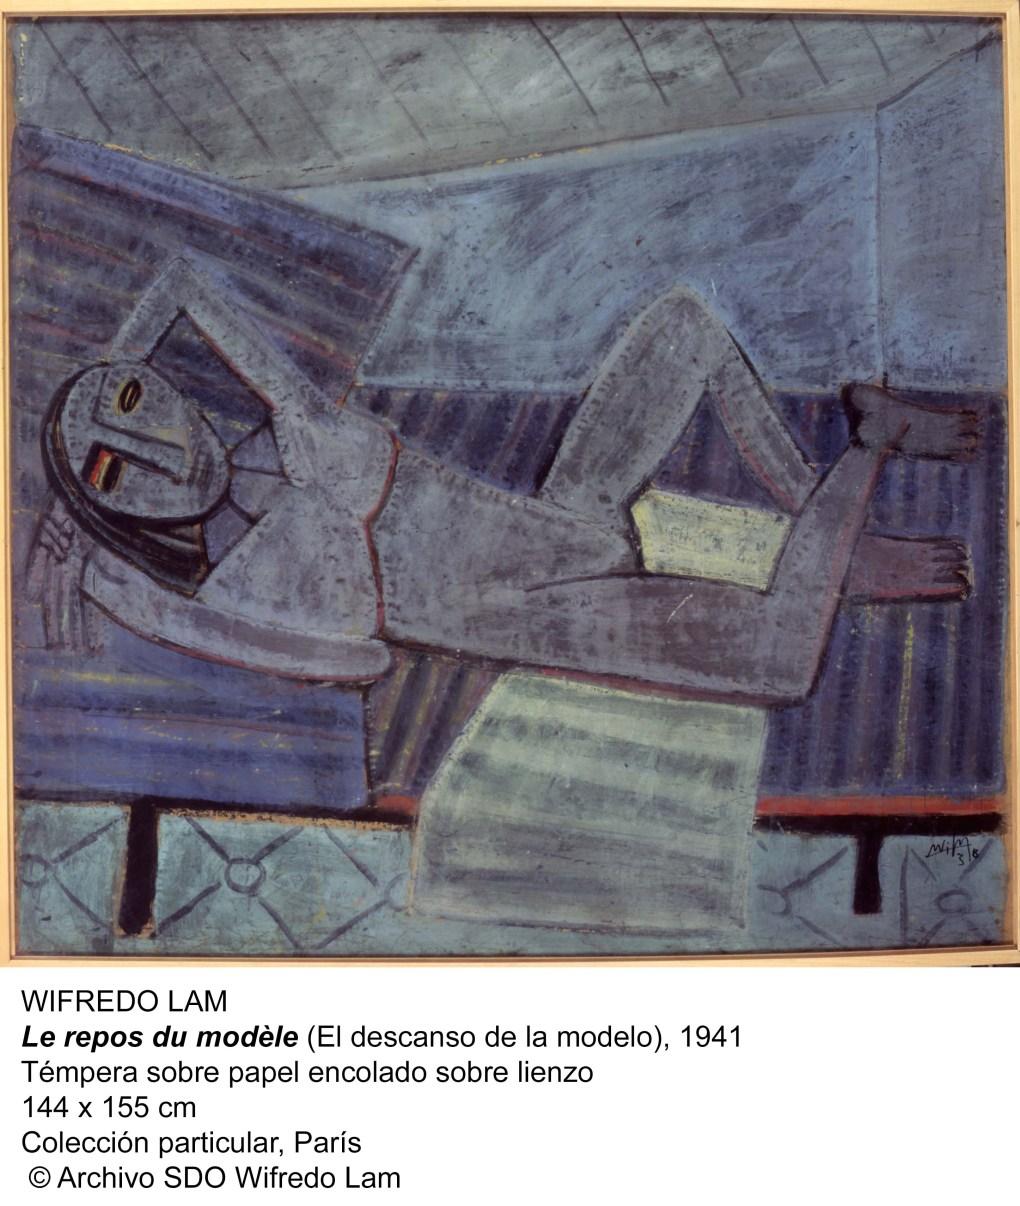 wifredo_lam-el_descanso_de_la_modelo_0